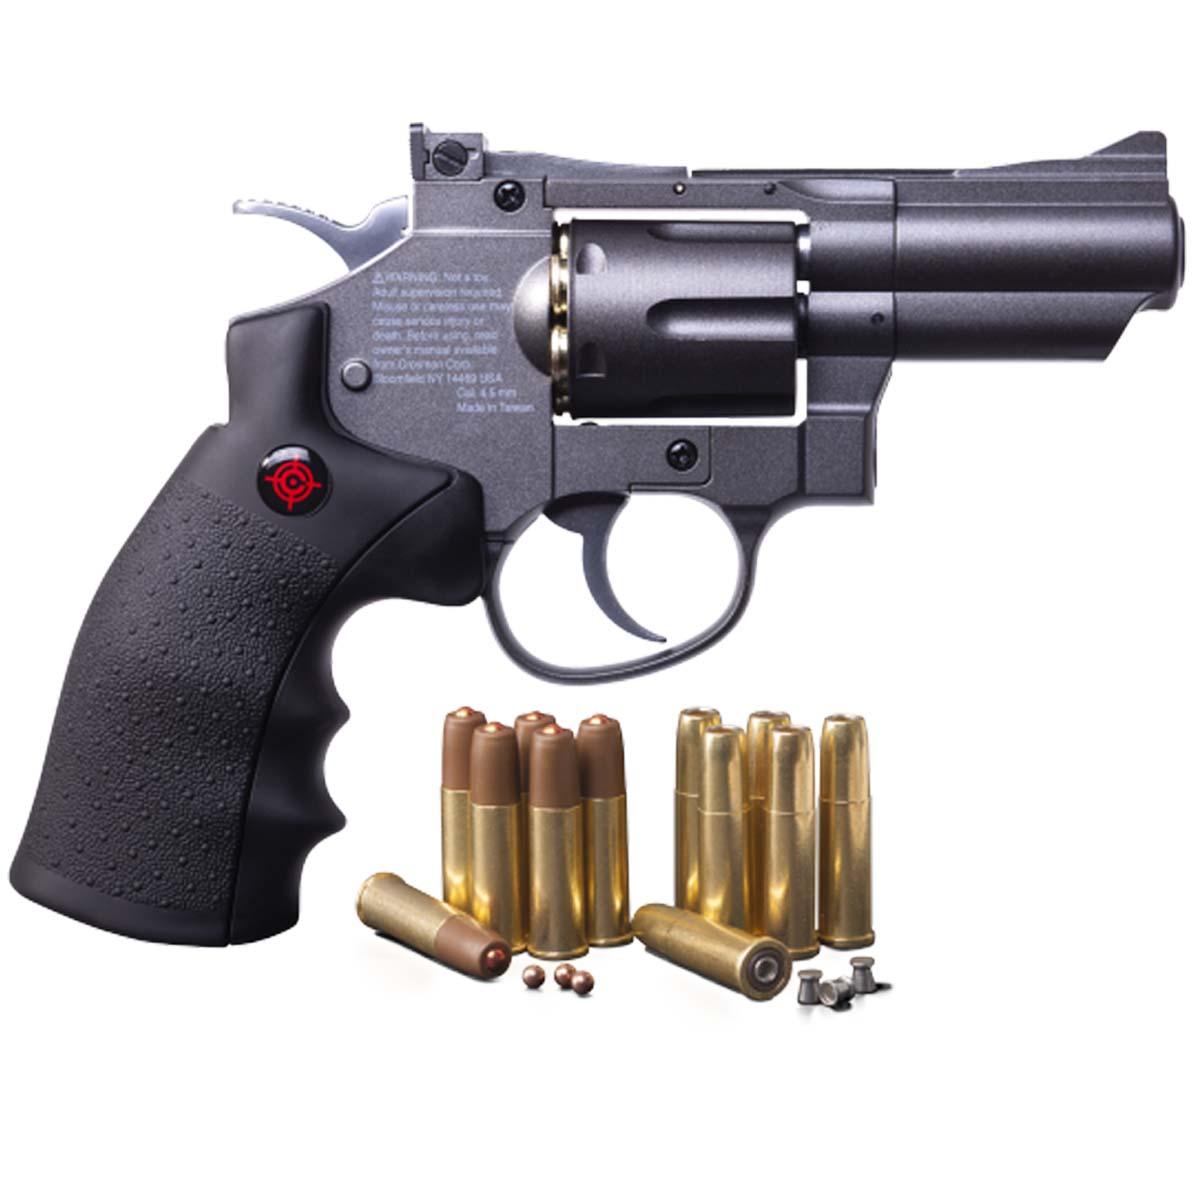 Pistola CO2 Cal 4.5 De Tiro Deportivo Balin Diabolo Crosman